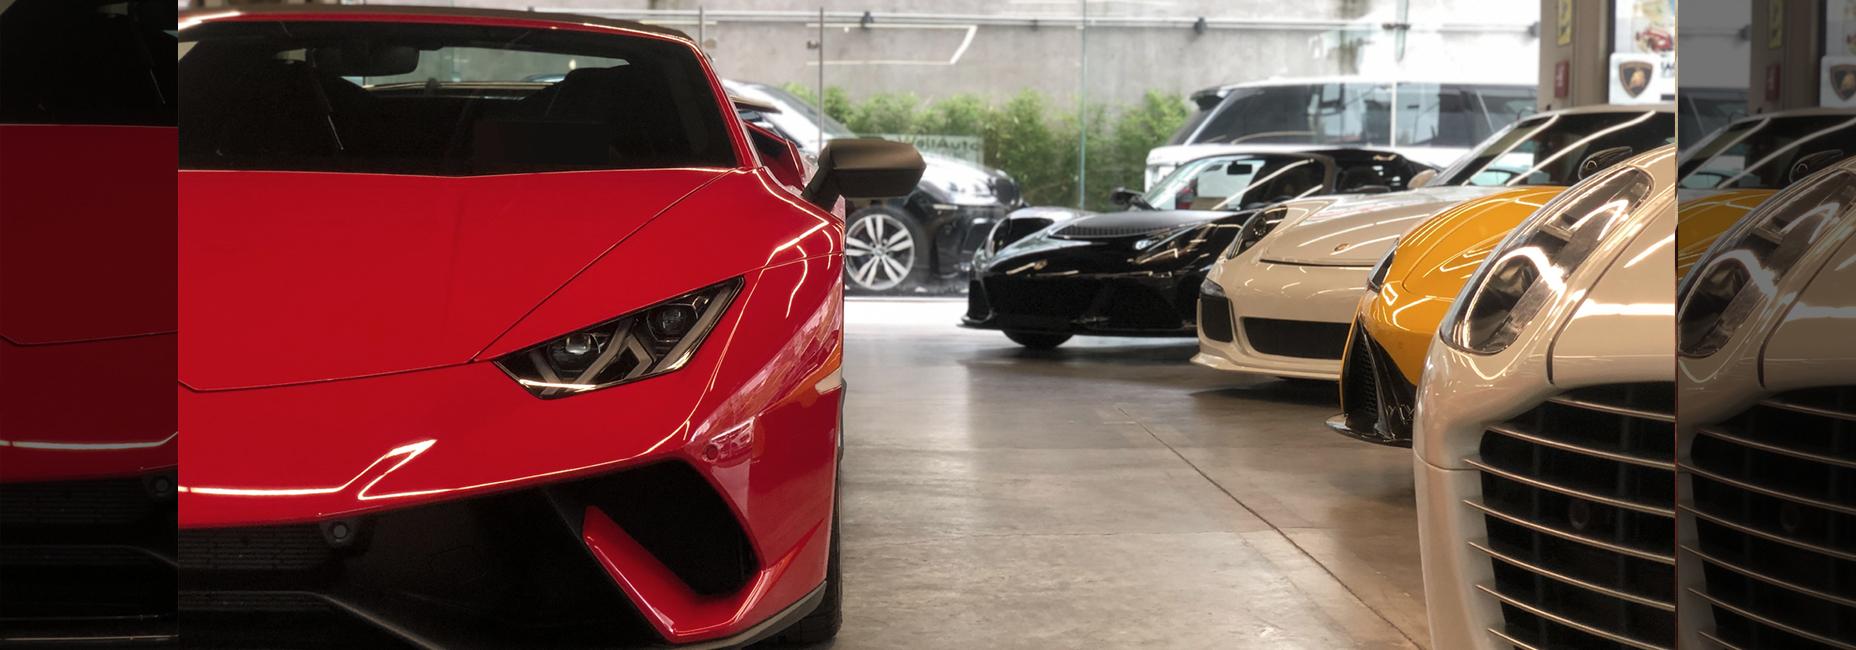 Las mejores marcas de autos de lujo llegan a México junto a Grand Chelem